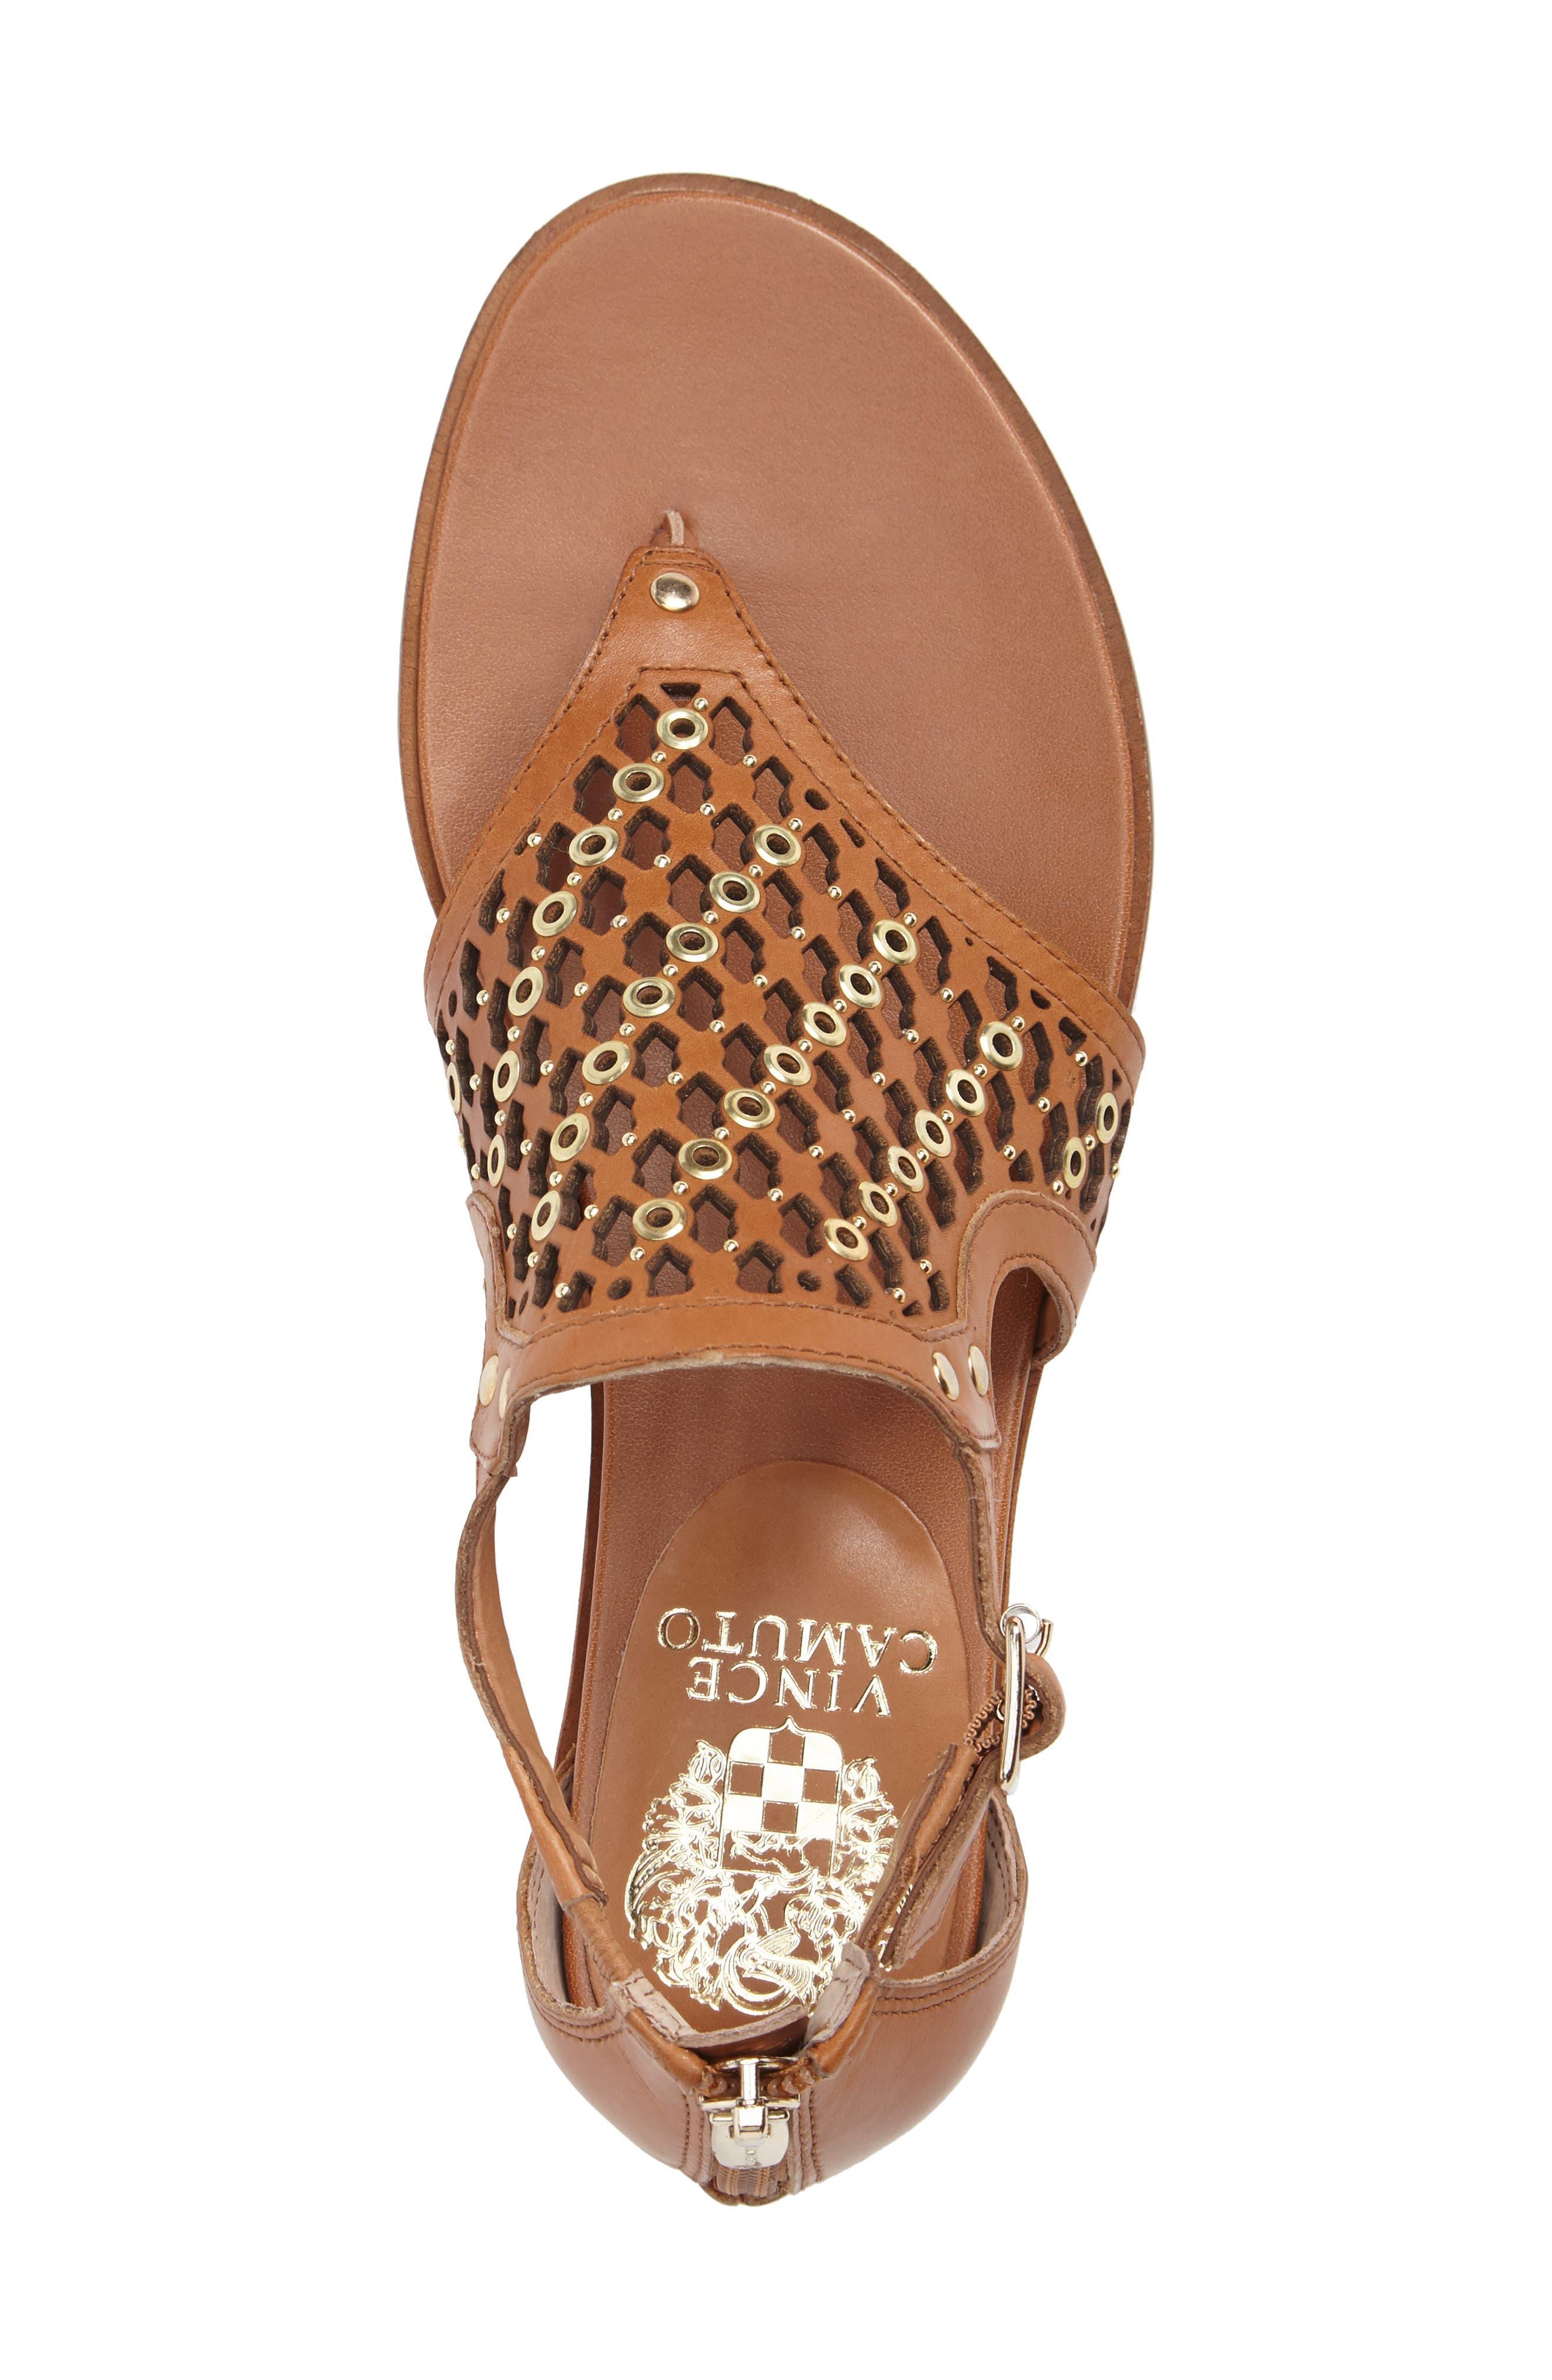 Sitara Sandal,                             Alternate thumbnail 5, color,                             Peanut Leather